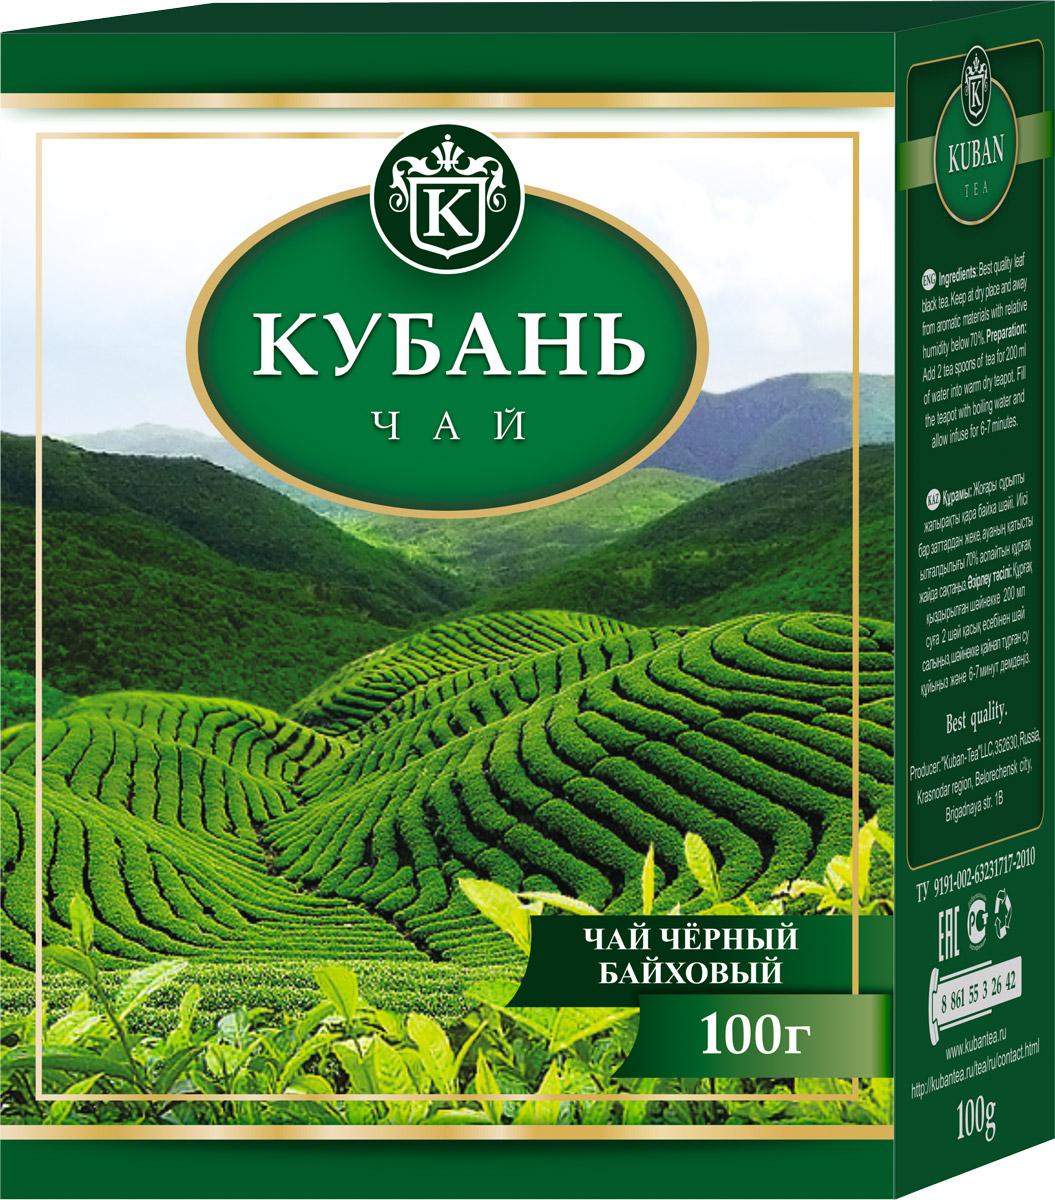 Кубань чай черный листовой, 100 г greenfield classic breakfast черный листовой чай 100 г